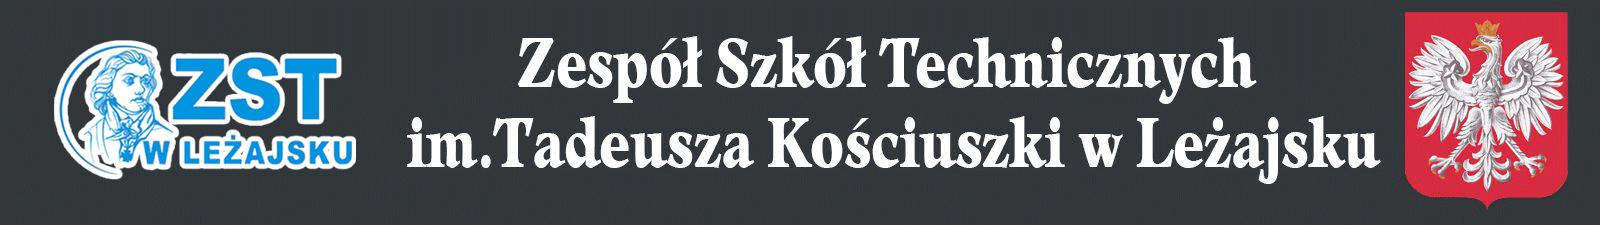 Zespół Szkół Technicznych w Leżajsku